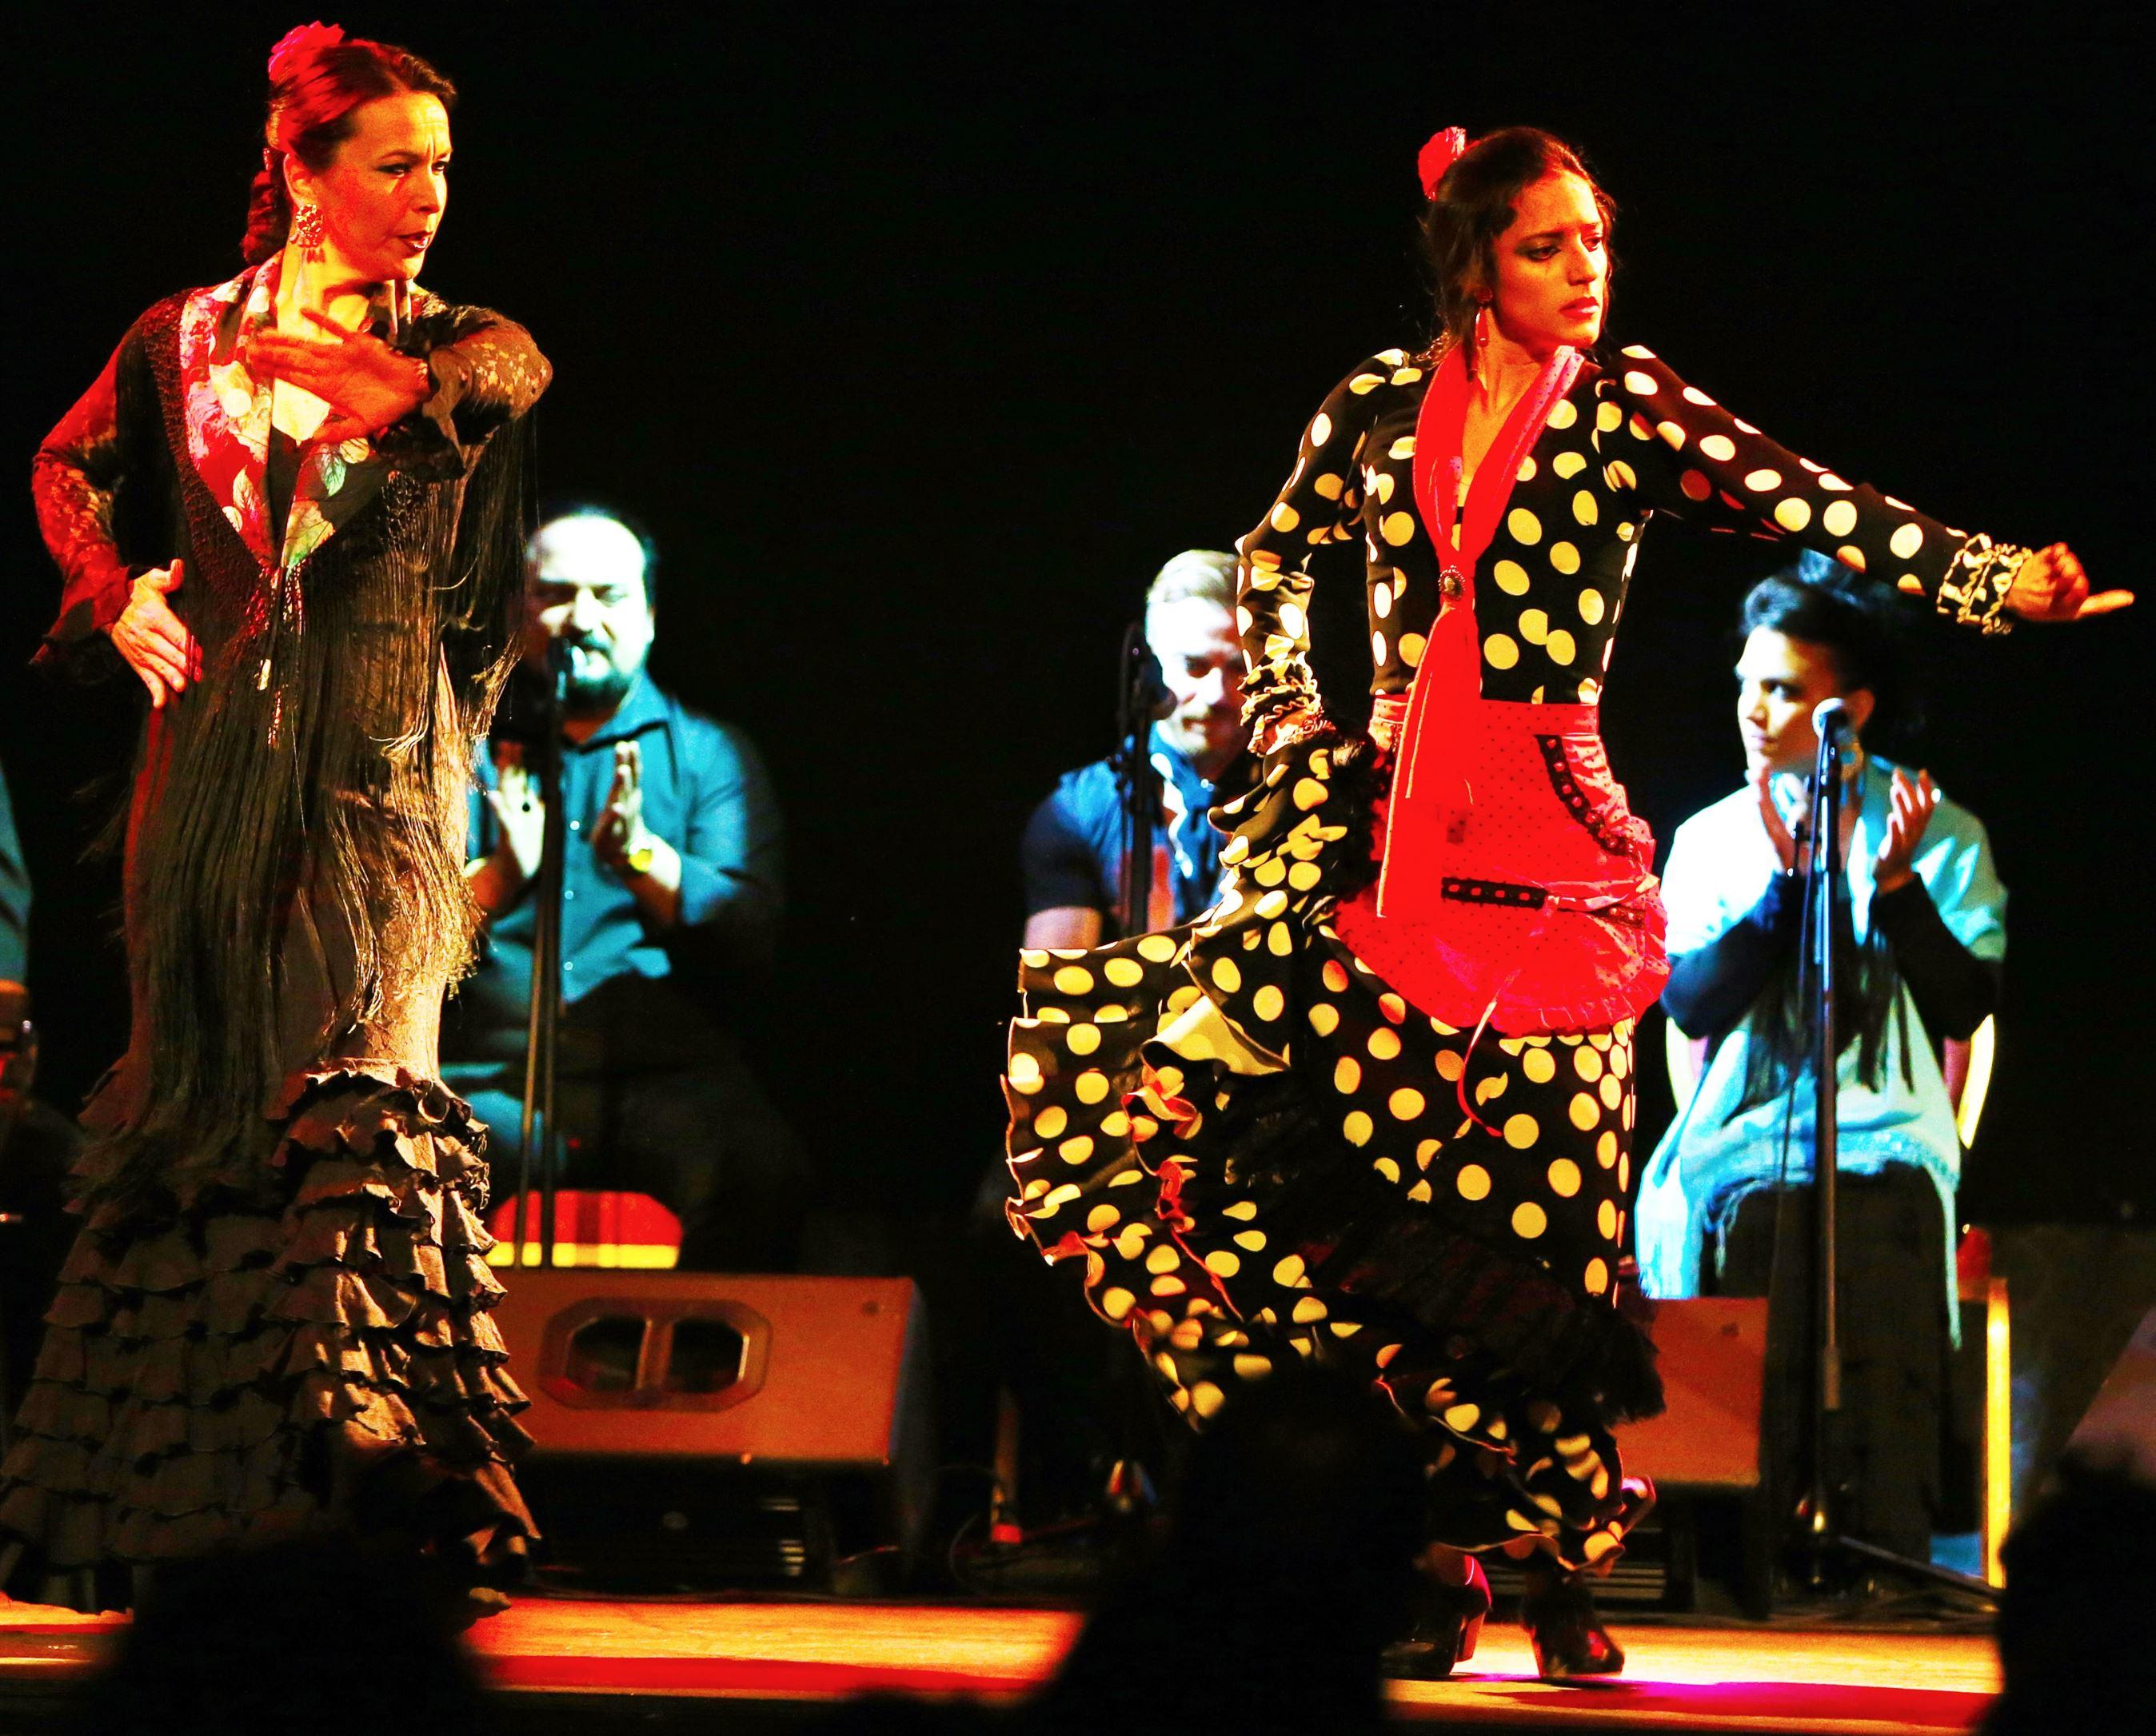 Flamenco in Las Ramblas